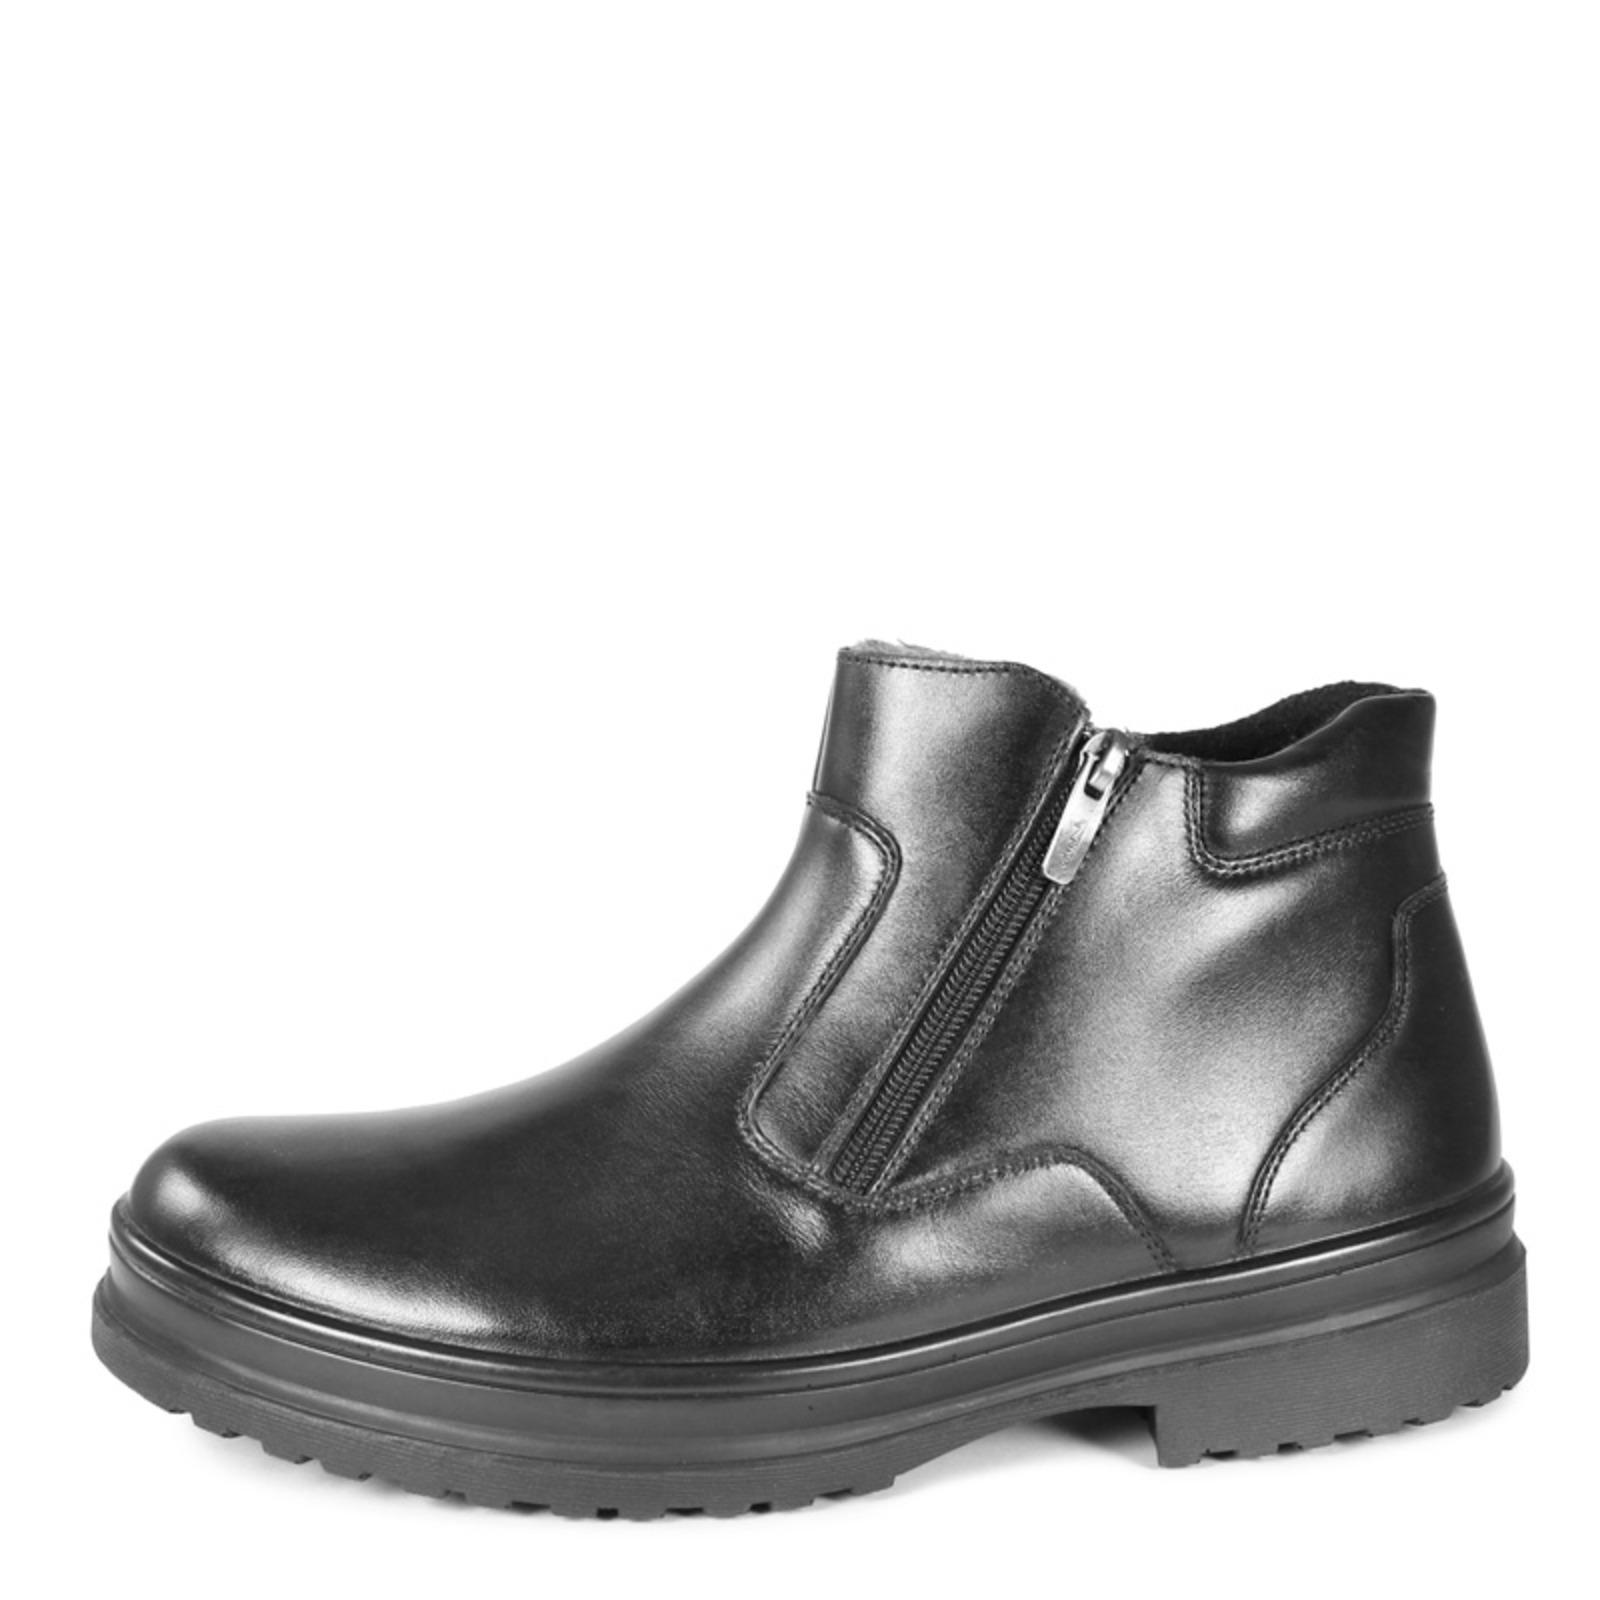 Мужские ботинки на утолщенной подошве